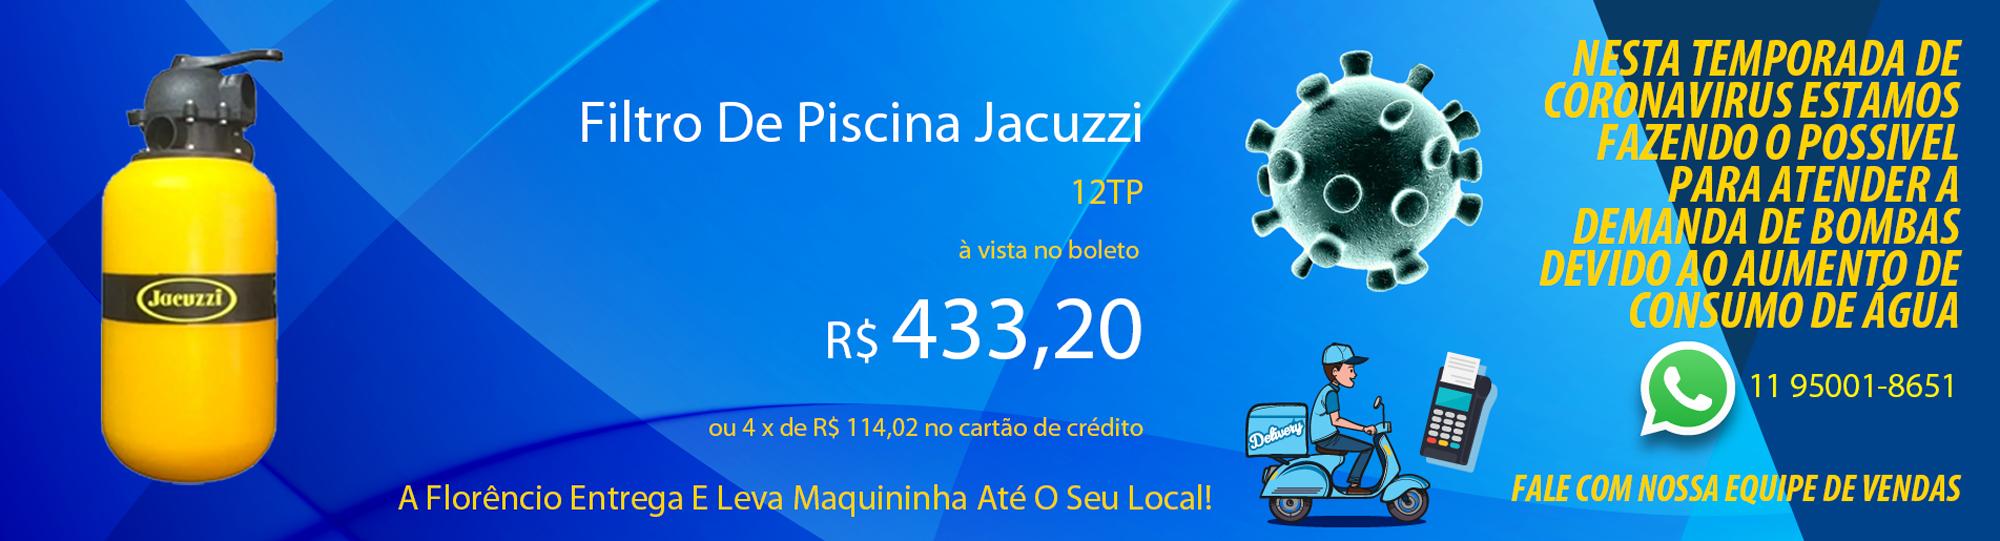 Filtro 12TP